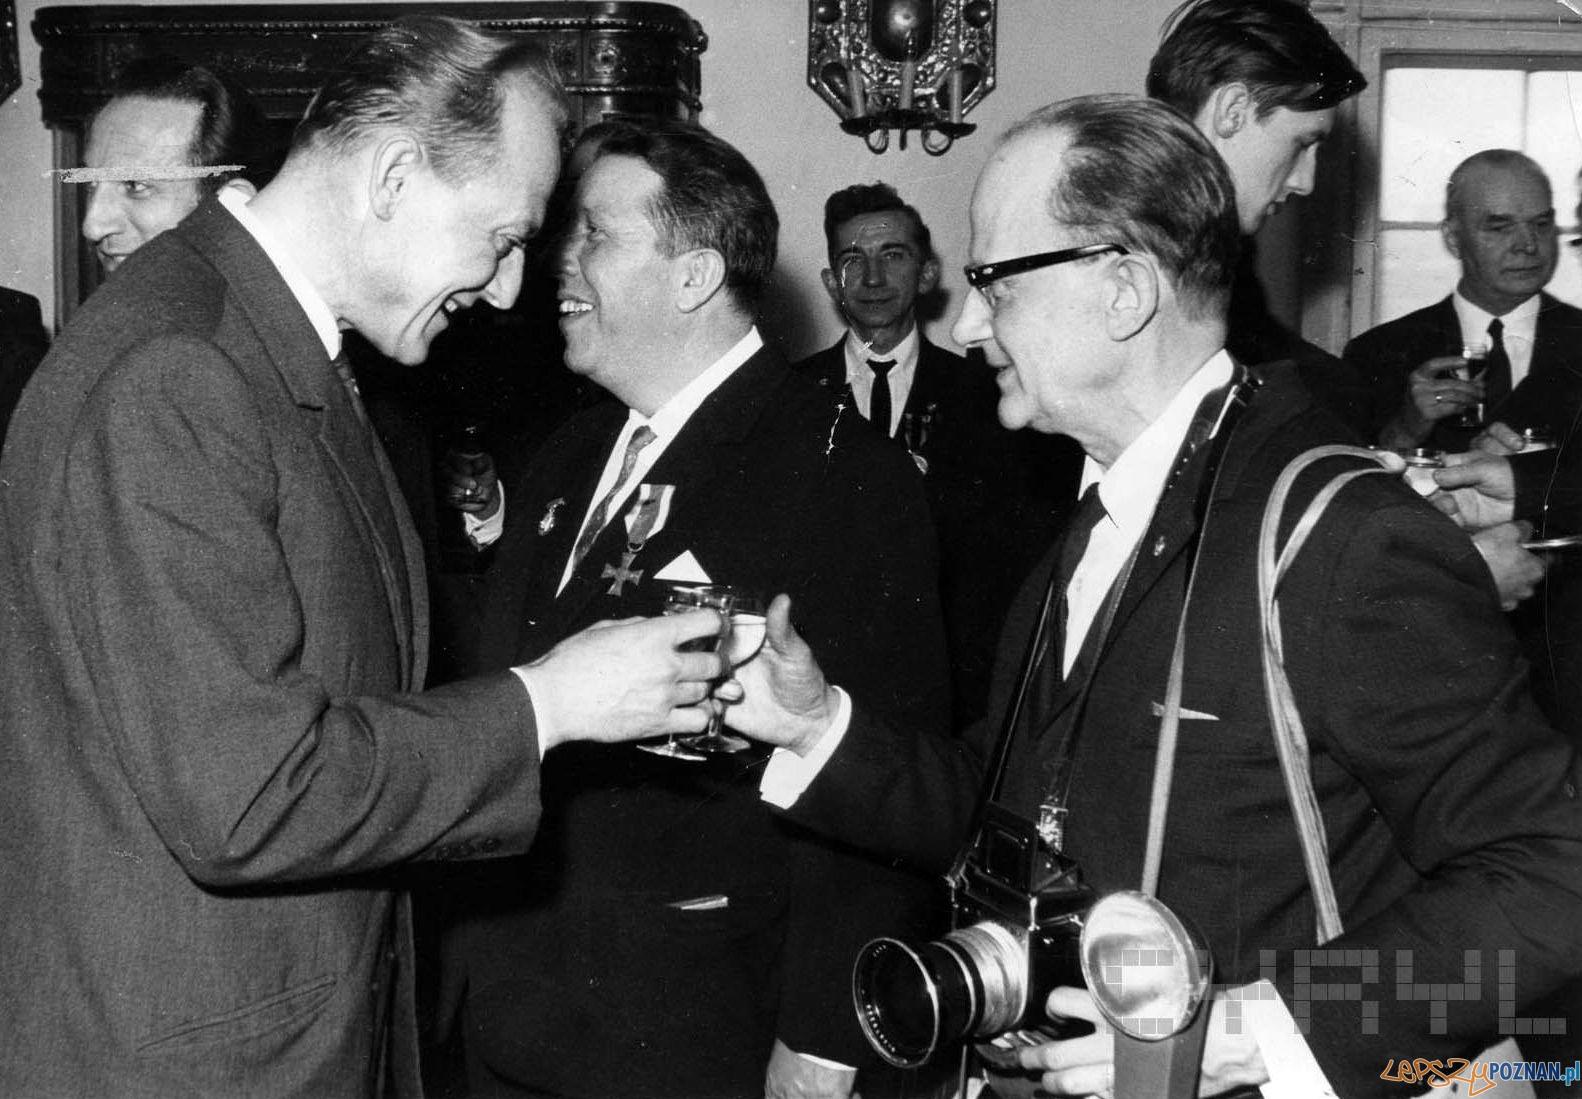 Zbigniew Zielonacki na uroczystości z okazji przyznania Odznak Honorowych Miasta Poznania - był wśród odznaczonych - 1968